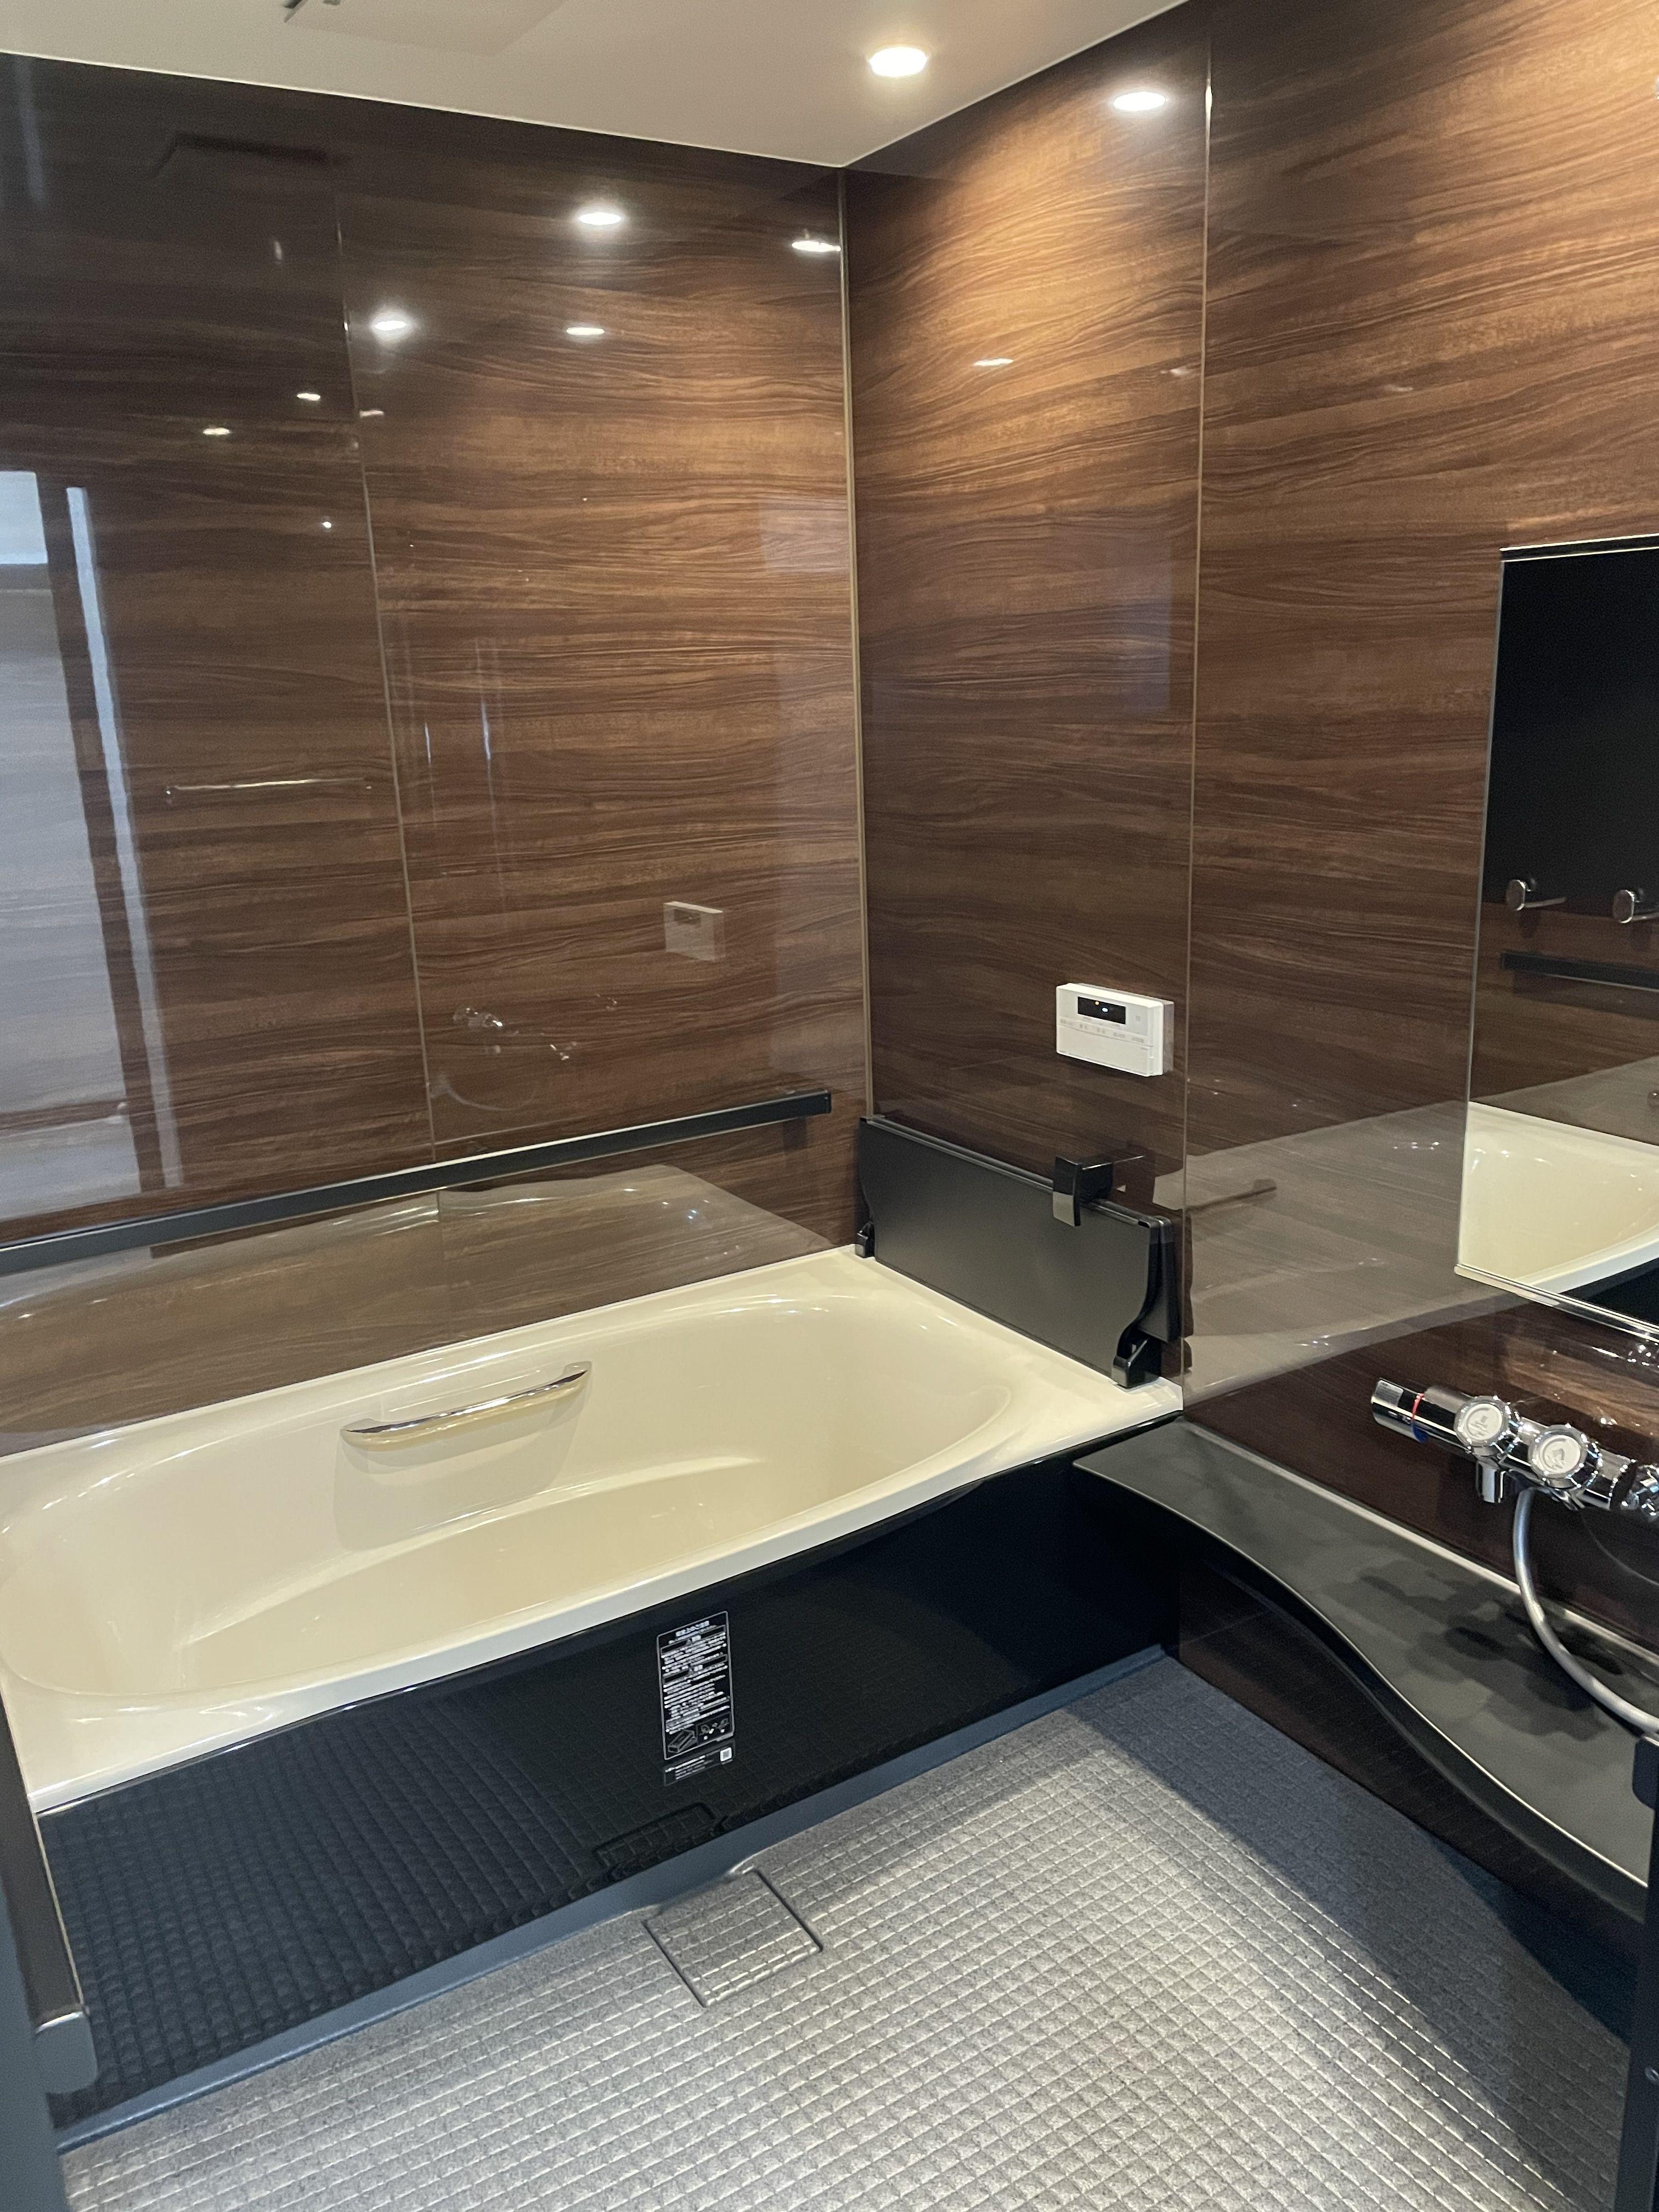 スタイリッシュな気分になれるバスルーム 2021 クローゼット 収納 バスルーム アライズ